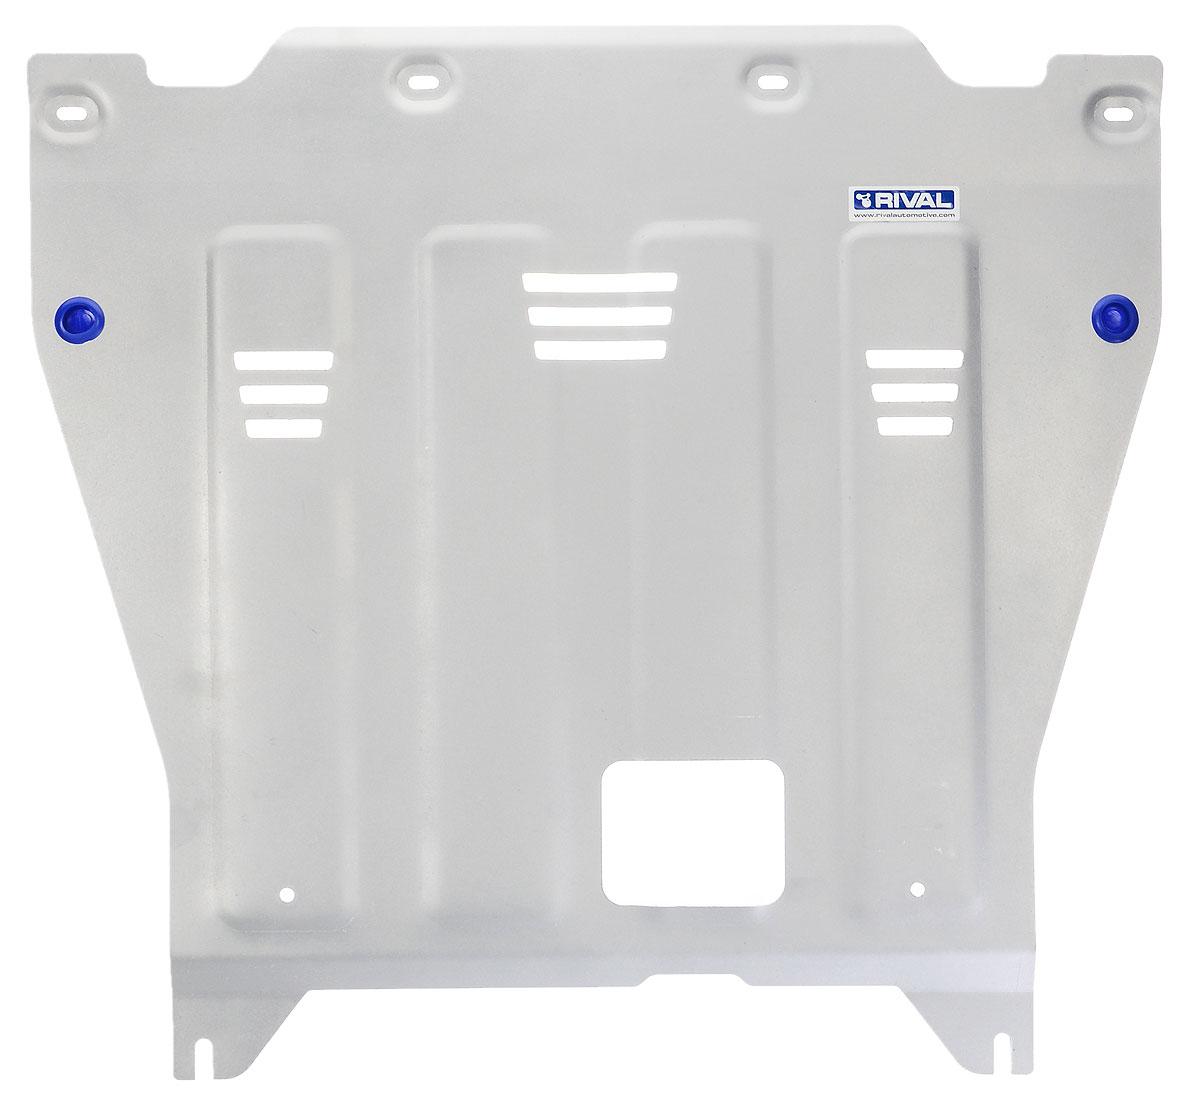 Защита картера и КПП Rival, для Kia Optima. 333.2837.11004900000360Защита картера и КПП для Kia Optima , V - 2,0(150hp); 2,4GDI(188hp) ; 2,0T-GDI(245hp) 2016-, крепеж в комплекте, алюминий 4 мм, Rival. Надежно защищают днище вашего автомобиля от повреждений, например при наезде на бордюры, а также выполняют эстетическую функцию при установке на высокие автомобили.- Толщина алюминиевых защит в 2 раза толще стальных, а вес при этом меньше до 30%.- Отлично отводит тепло от двигателя своей поверхностью, что спасает двигатель от перегрева в летний период или при высоких нагрузках.- В отличие от стальных, алюминиевые защиты не поддаются коррозии, что гарантирует срок службы защит более 5 лет.- Покрываются порошковой краской, что надолго сохраняет первоначальный вид новой защиты и защищает от гальванической коррозии.- Глубокий штамп дополнительно усиливает конструкцию защиты.- Подштамповка в местах крепления защищает крепеж от срезания.- Технологические отверстия там, где они необходимы для смены масла и слива воды, оборудованные заглушками, надежно закрепленными на защите.Уважаемые клиенты!Обращаем ваше внимание, на тот факт, что защита имеет форму, соответствующую модели данного автомобиля. Фото служит для визуального восприятия товара.